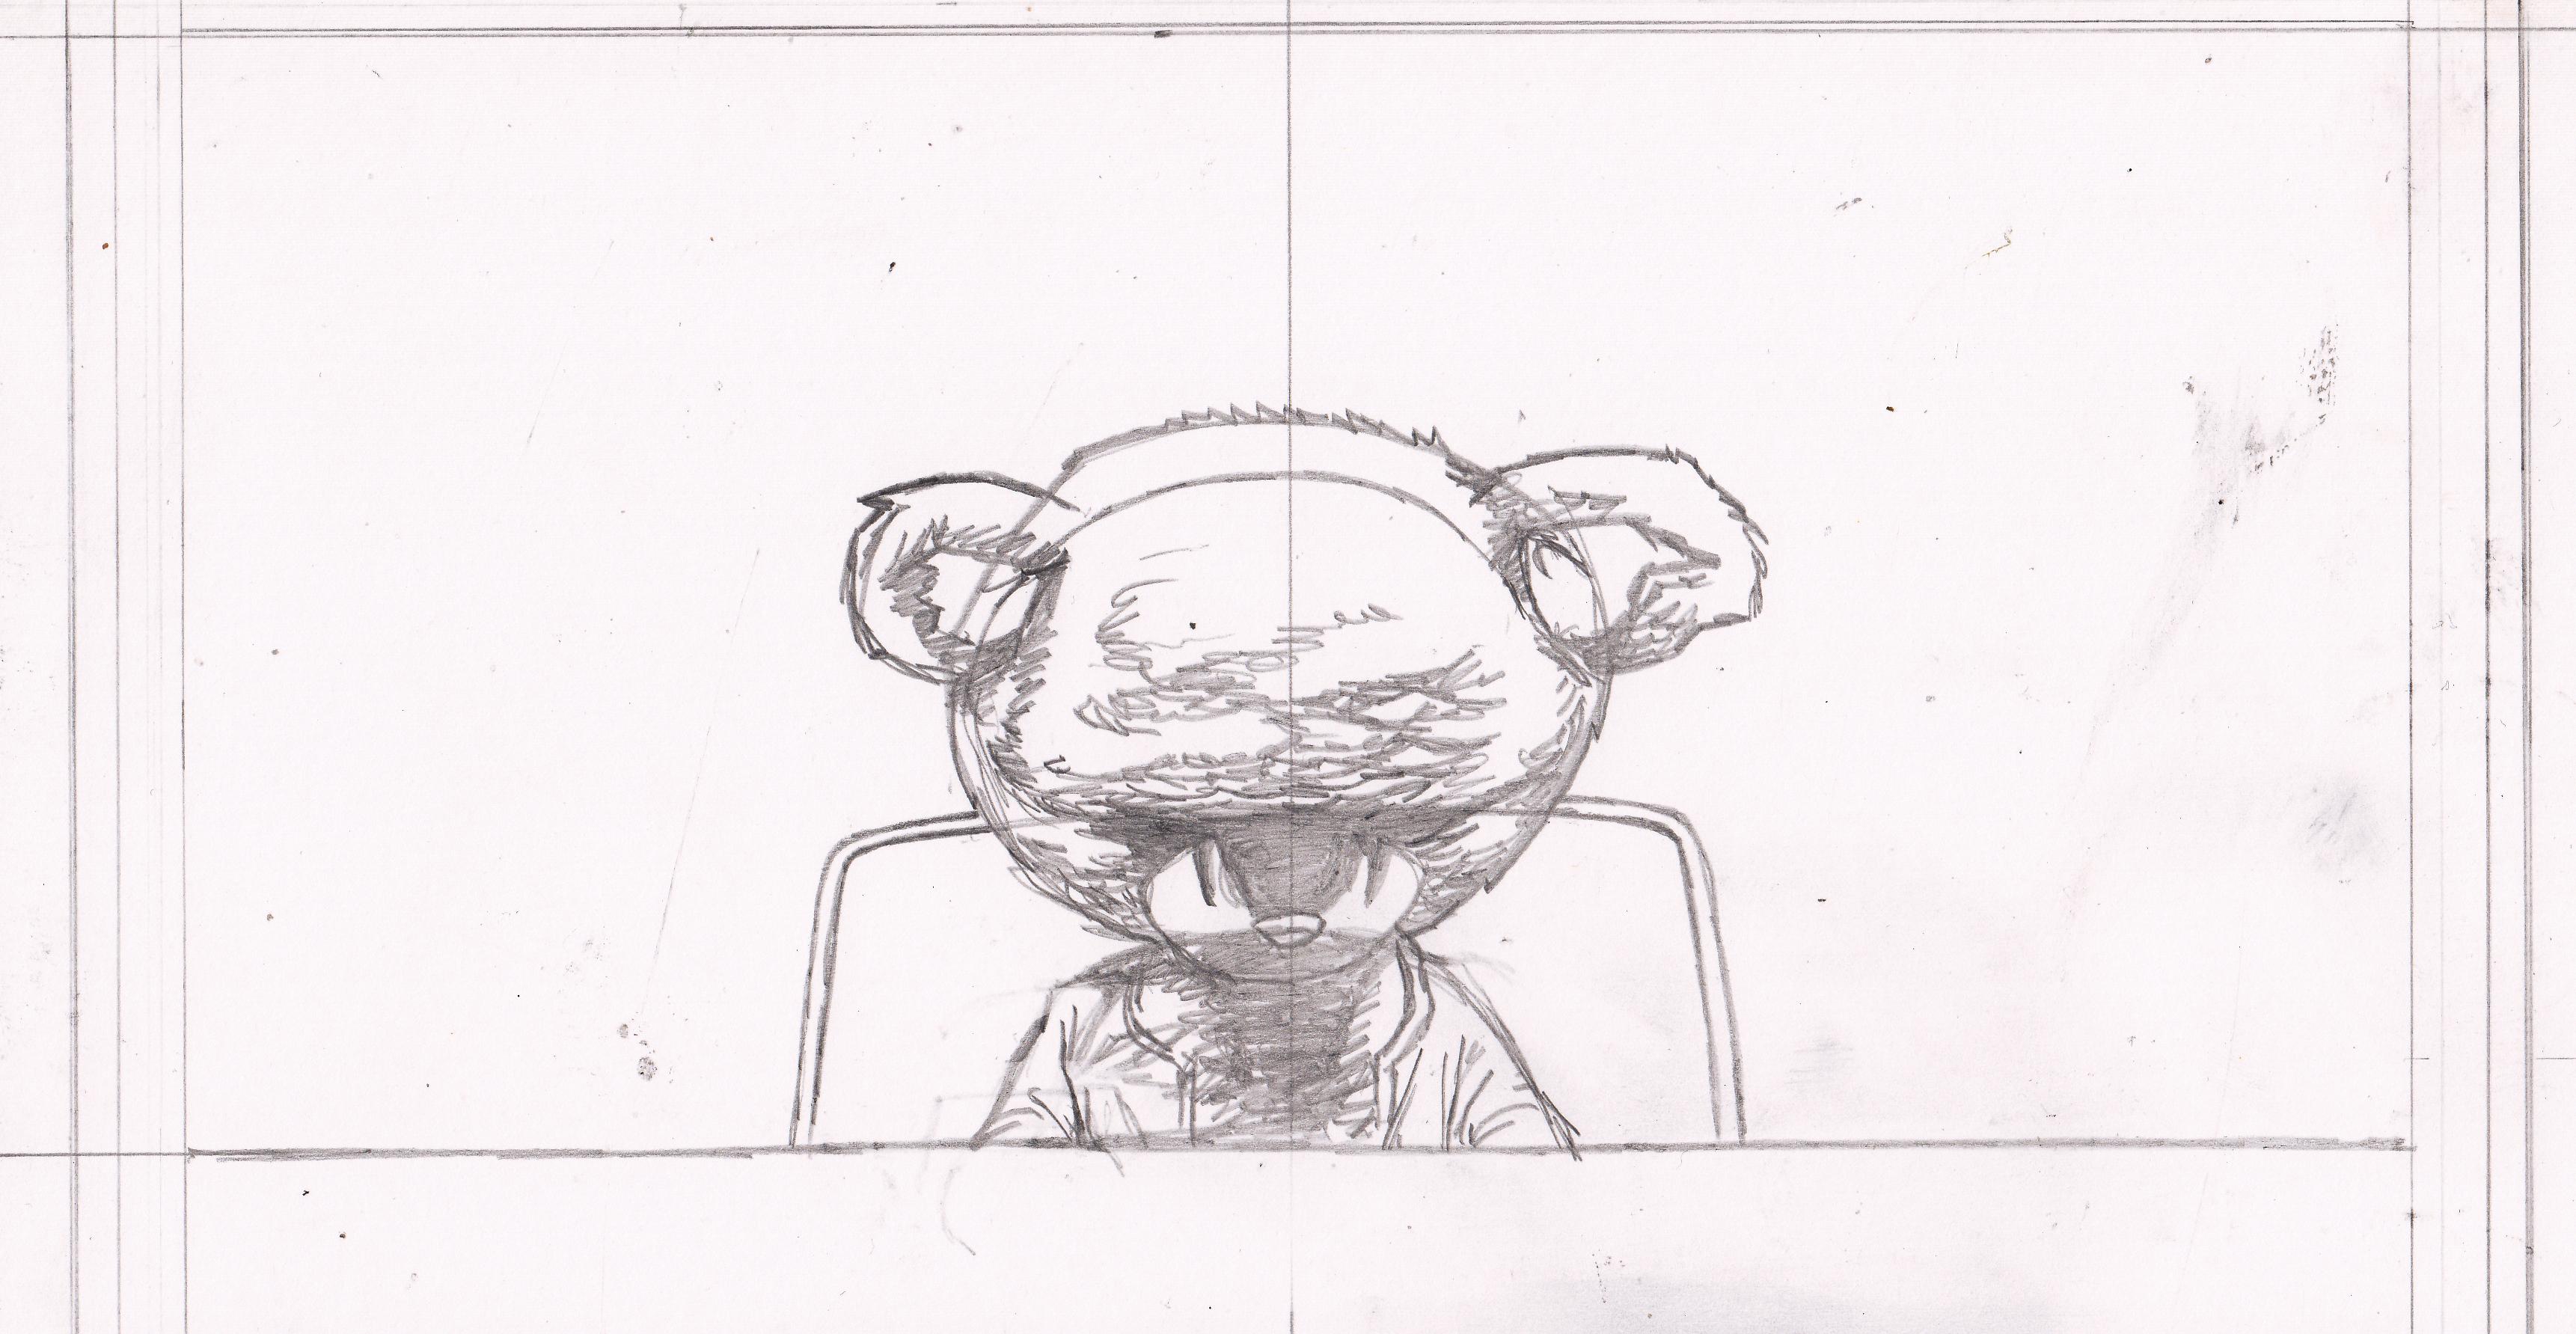 Evil Teddy Bear Drawings Pencil